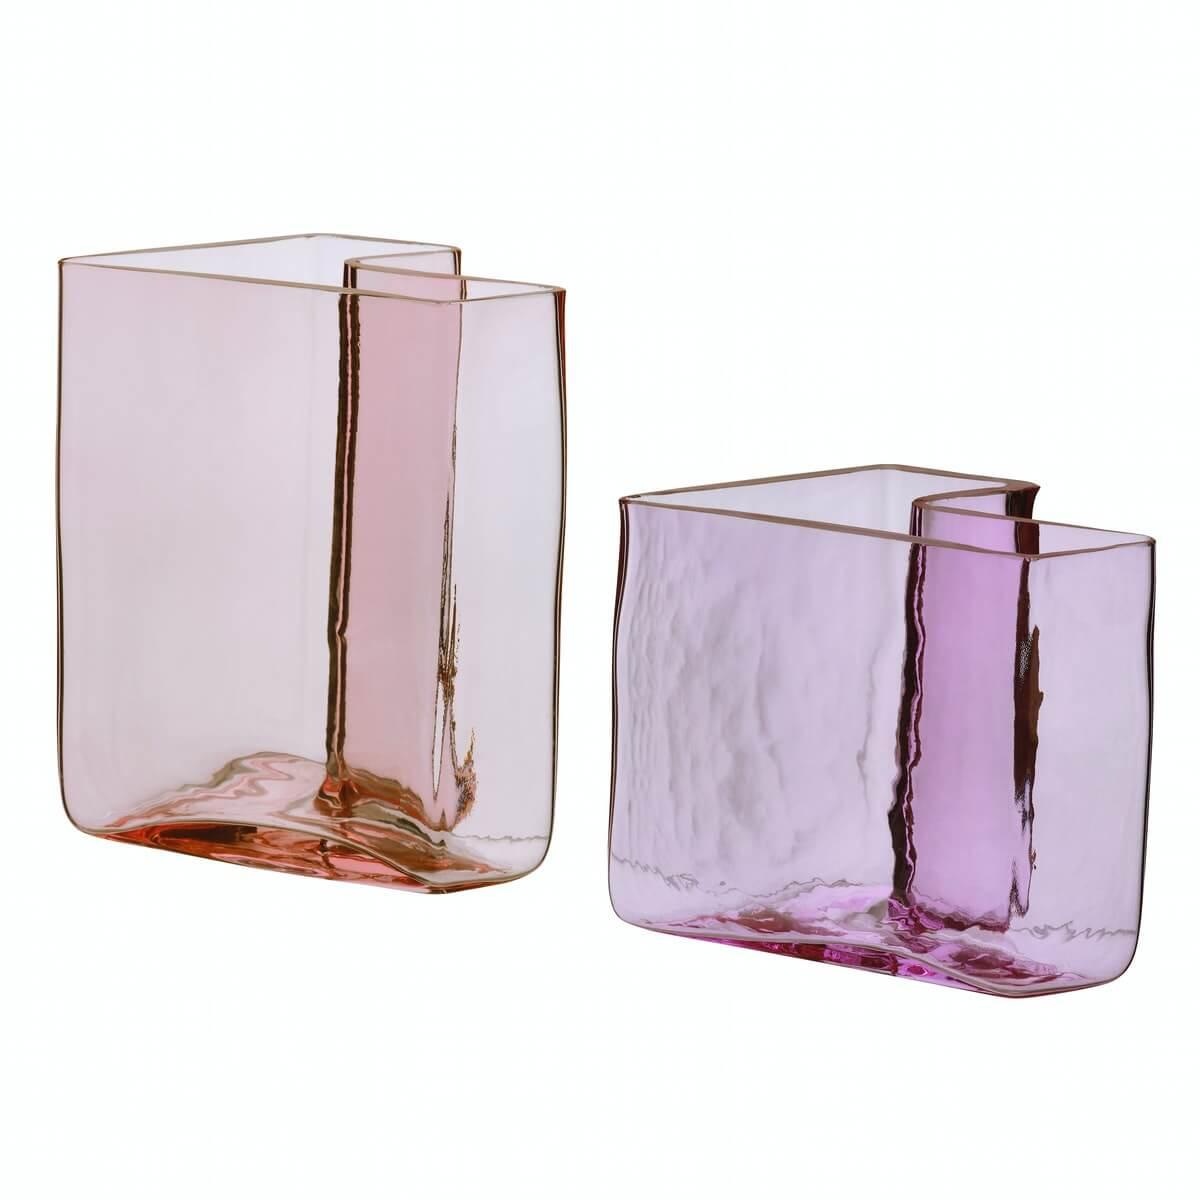 花瓶2個 ピンク(2,499円)